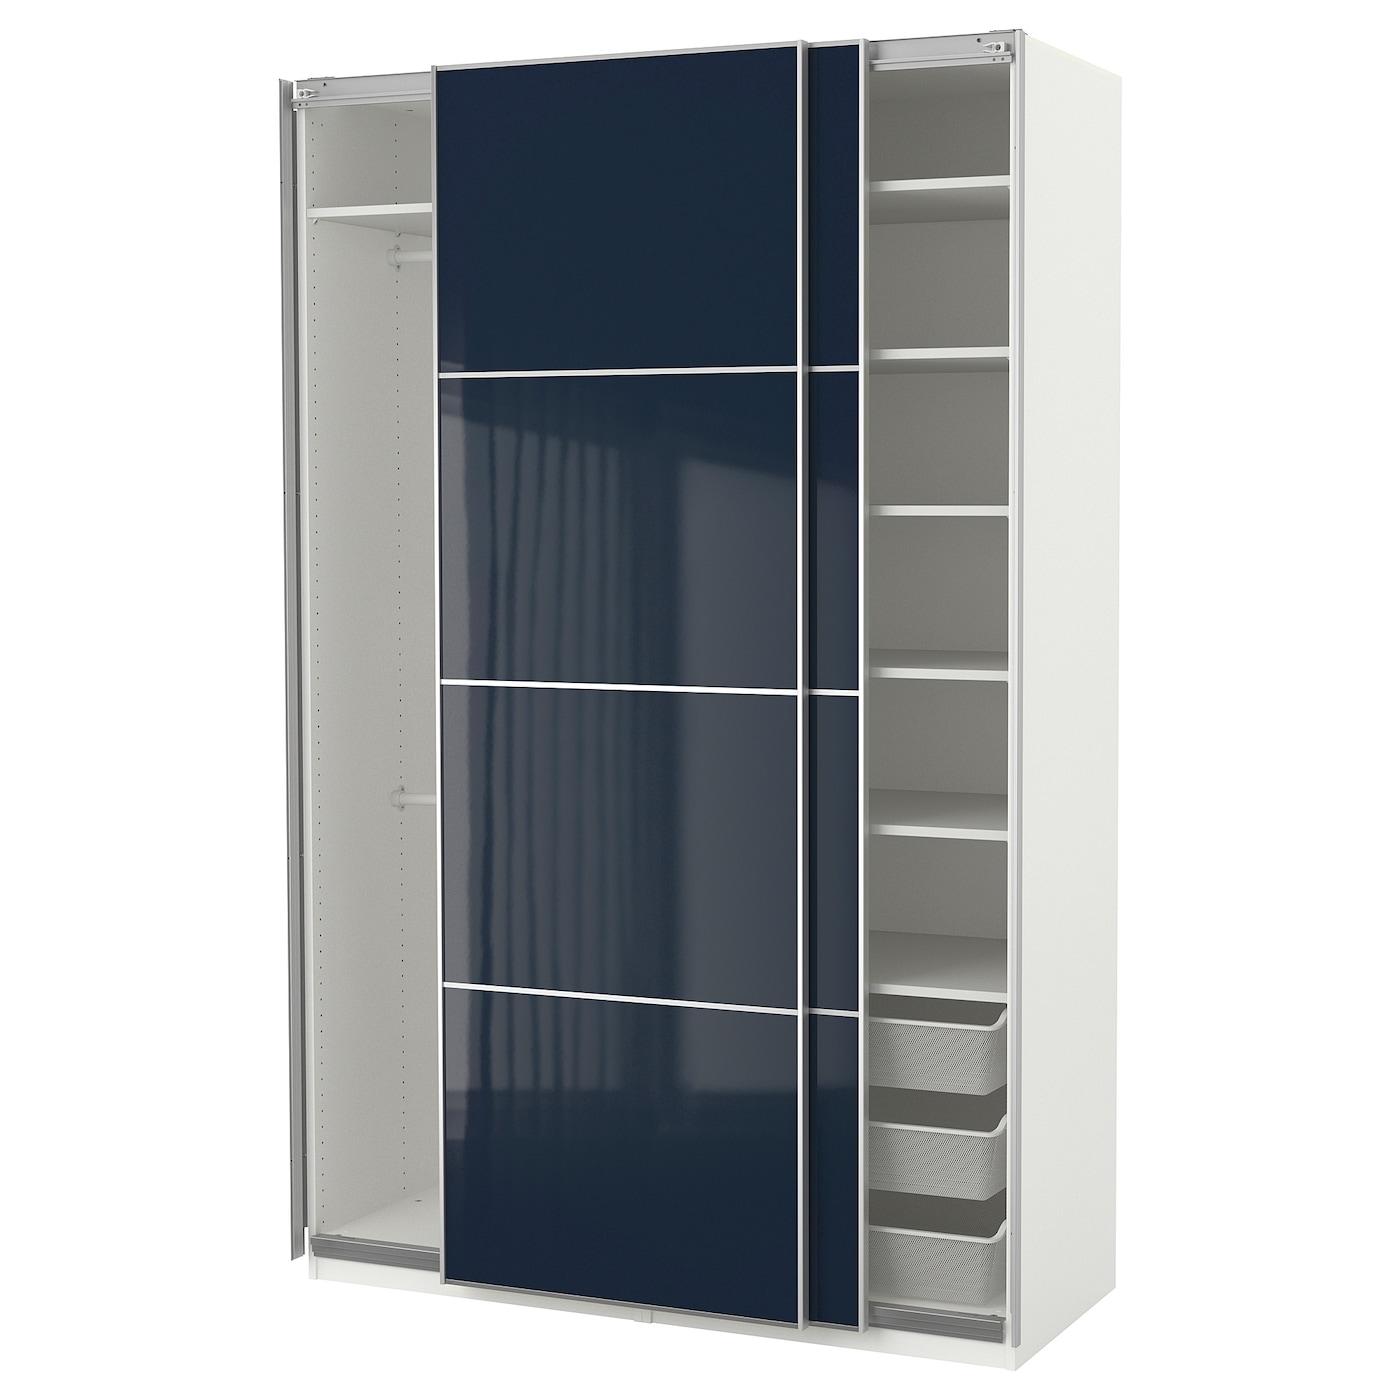 PAX Kleiderschrank - 150x66x236 cm - IKEA